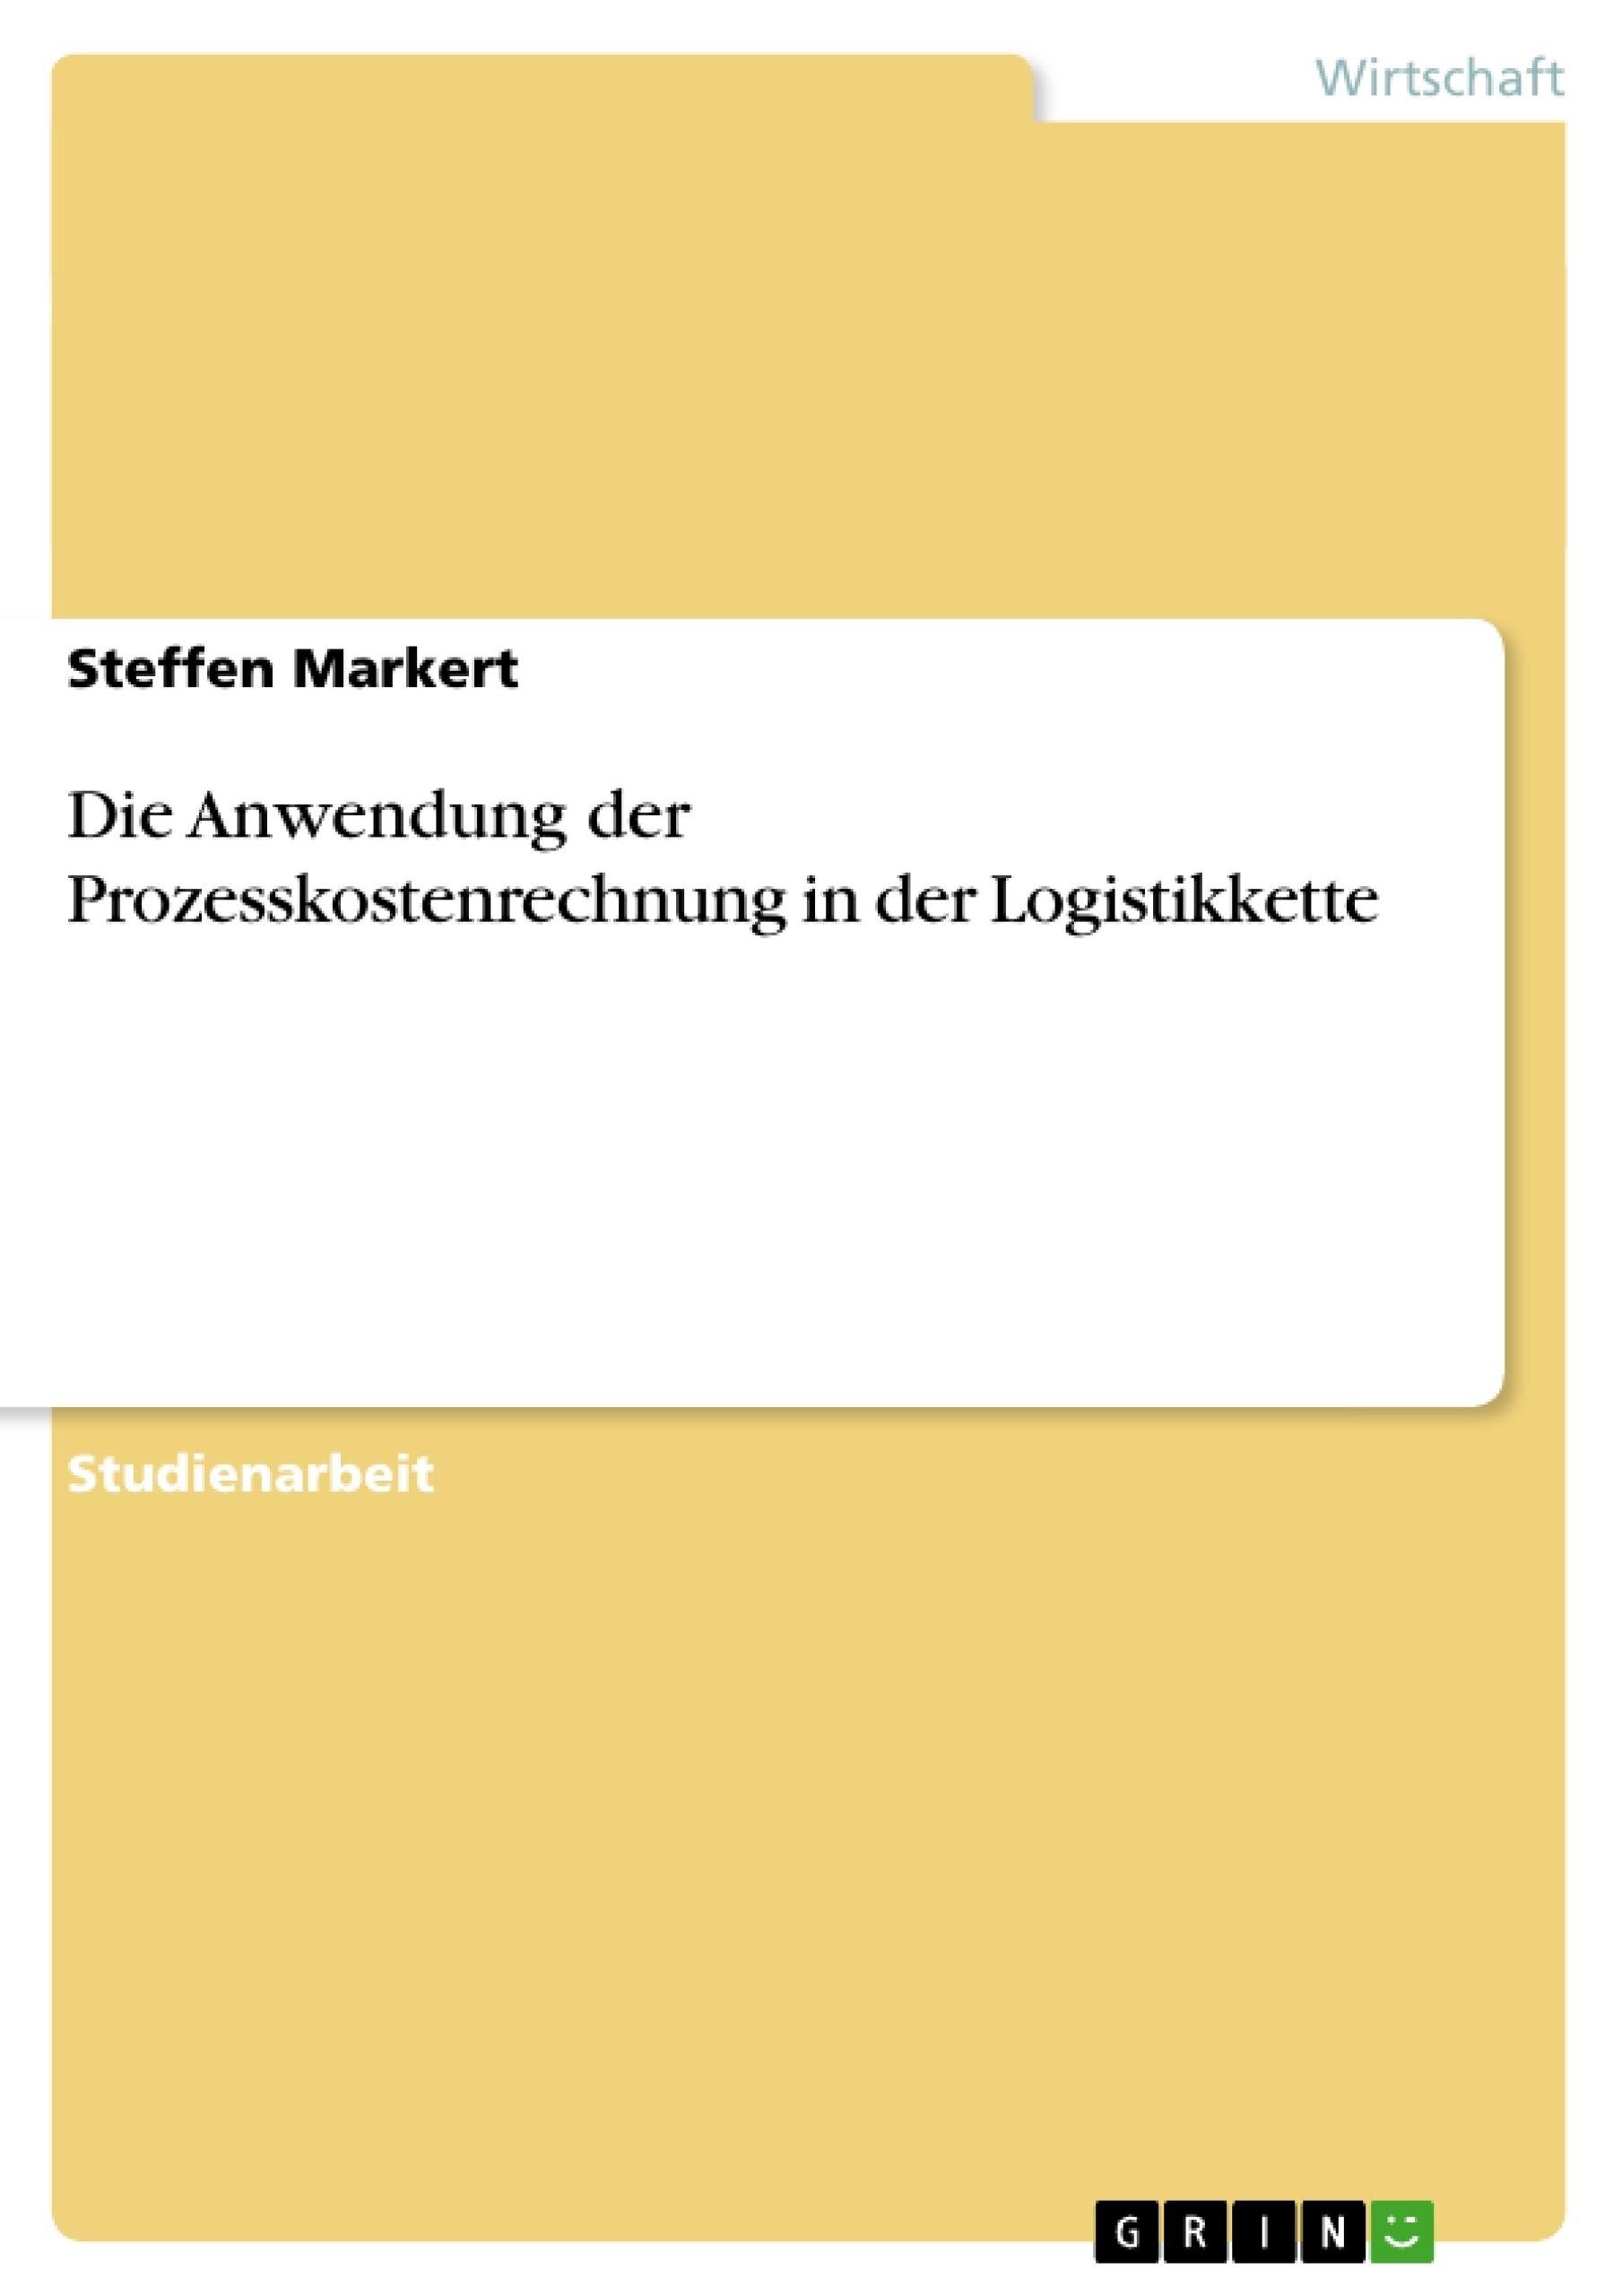 Titel: Die Anwendung der Prozesskostenrechnung in der Logistikkette